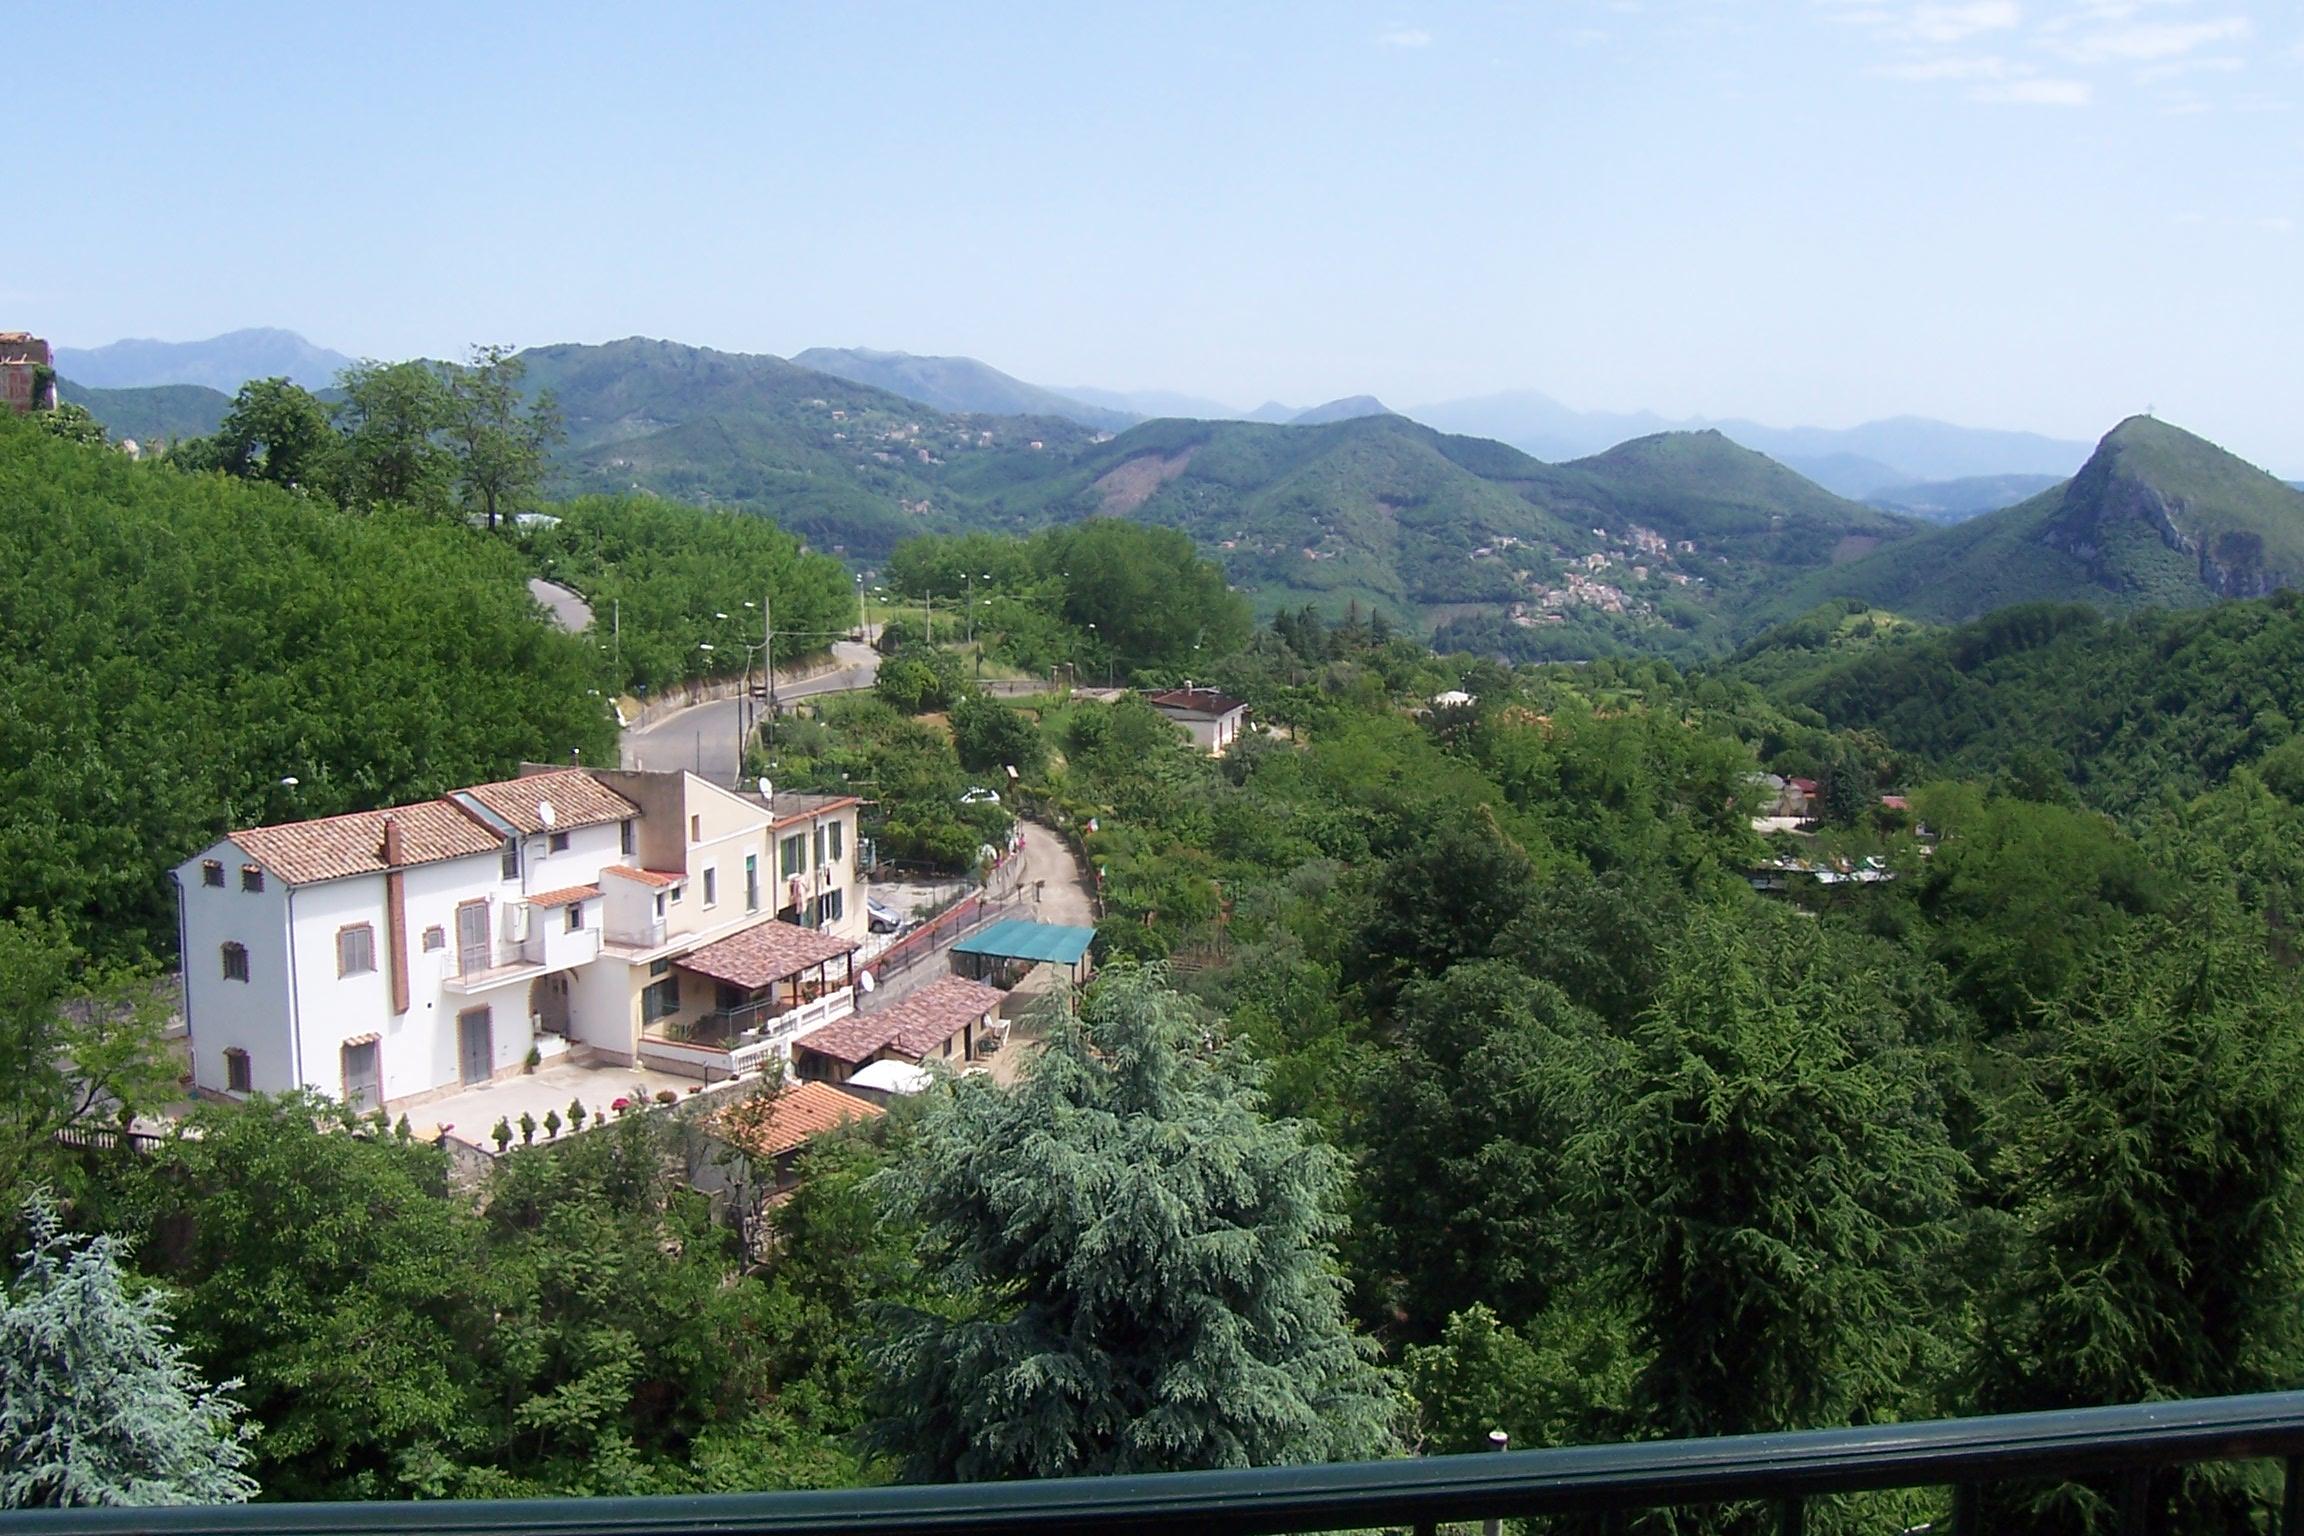 Ferienwohnung Bedebreakfastilys Coast Amalfitana (2520092), Cava de' Tirreni, Salerno, Kampanien, Italien, Bild 14